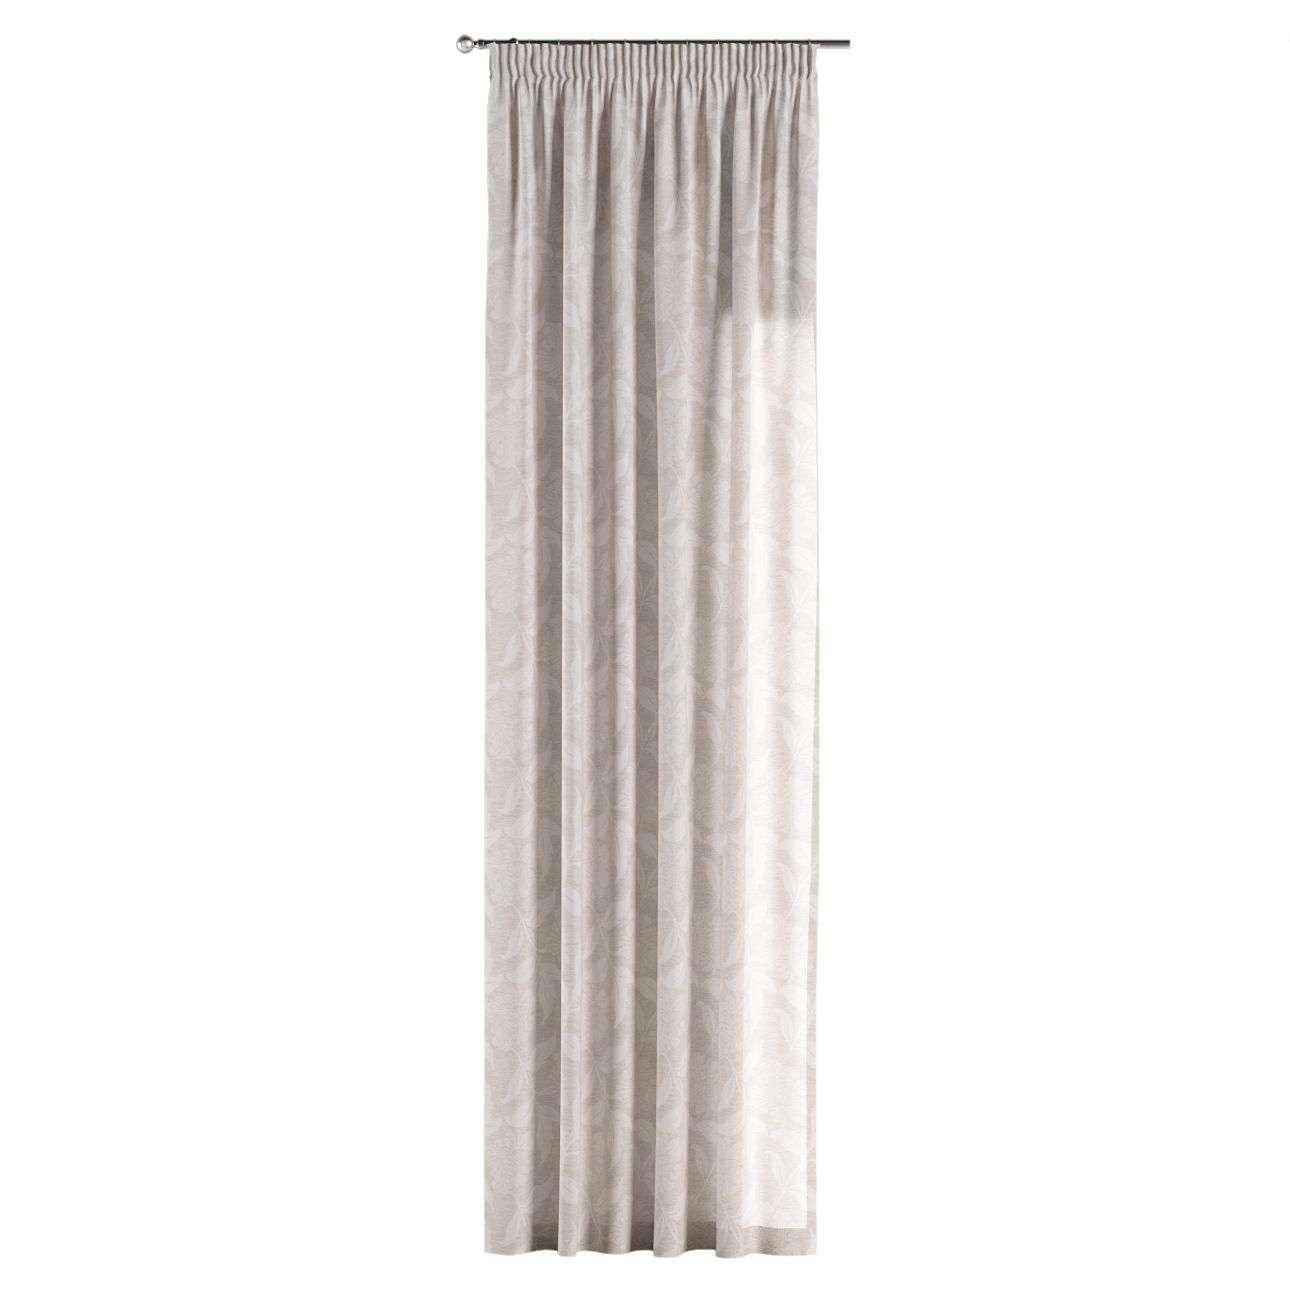 Gardin med rynkband 1 längd 130 x 260 cm i kollektionen Venice - NYHET, Tyg: 140-51